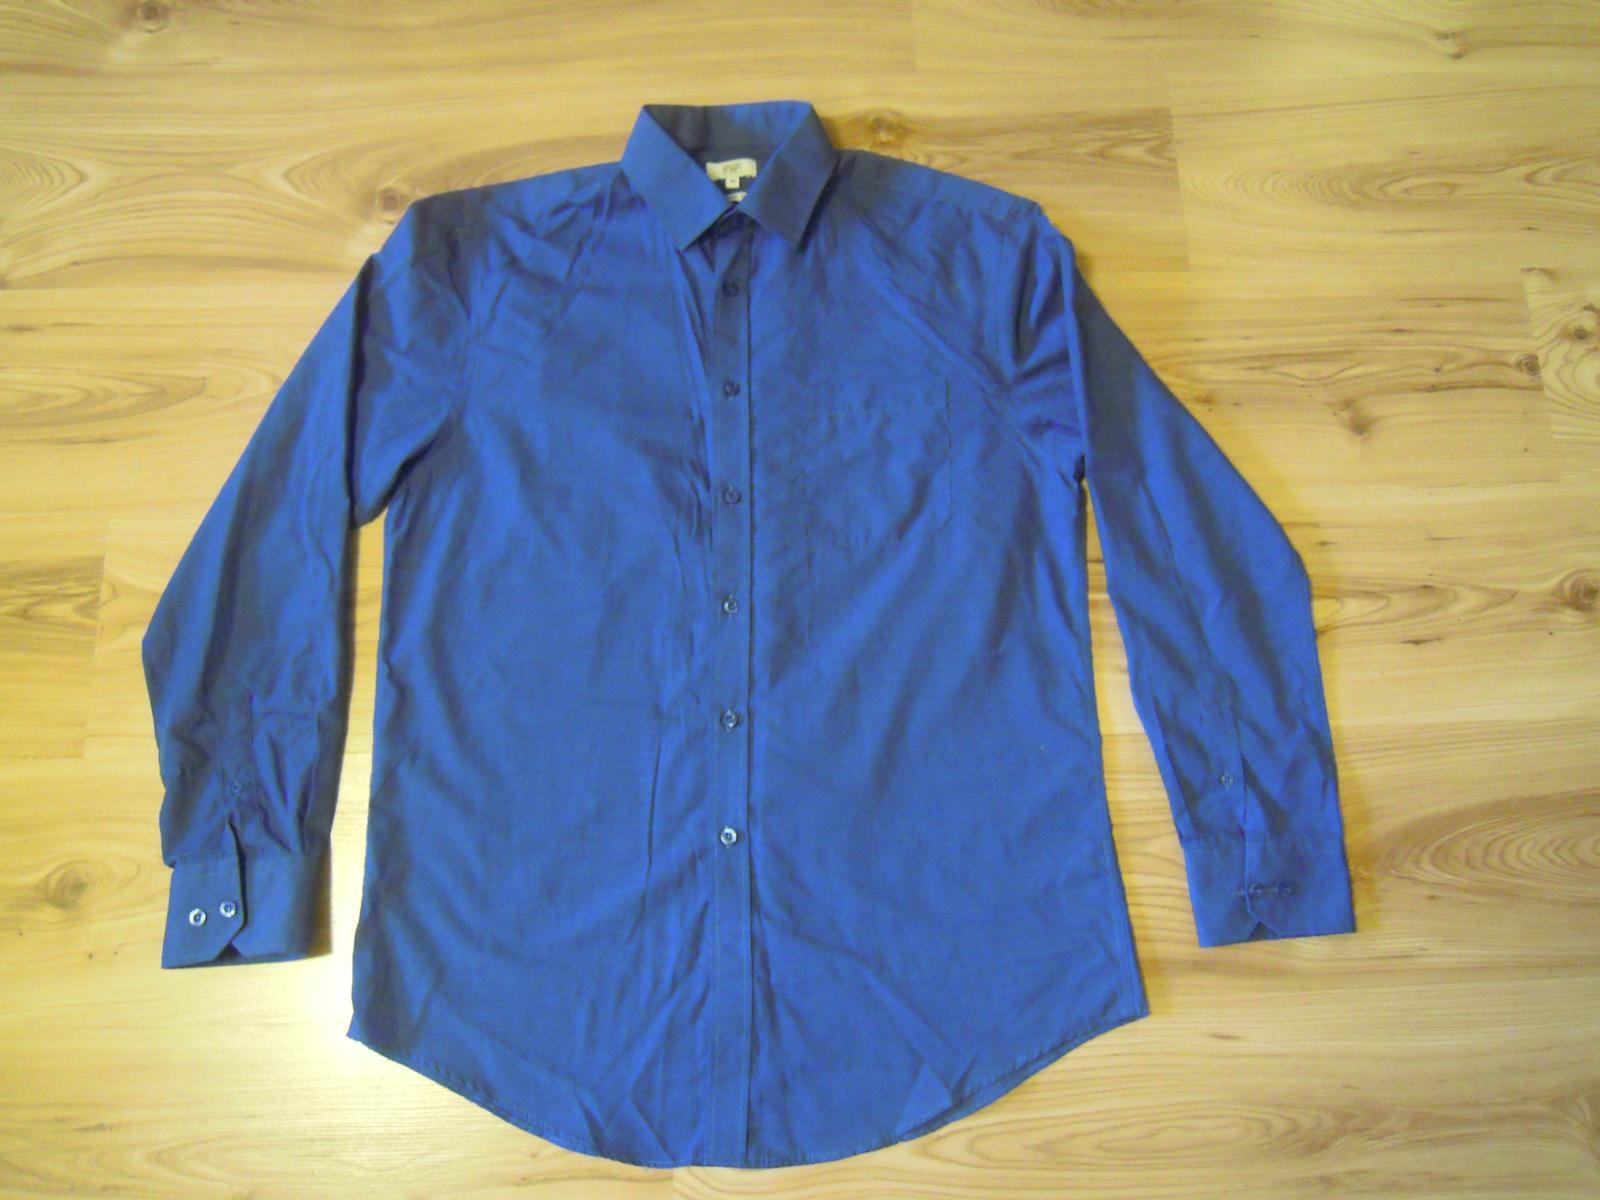 Pánska košeľa F&F veľ. 39 - Obrázok č. 1